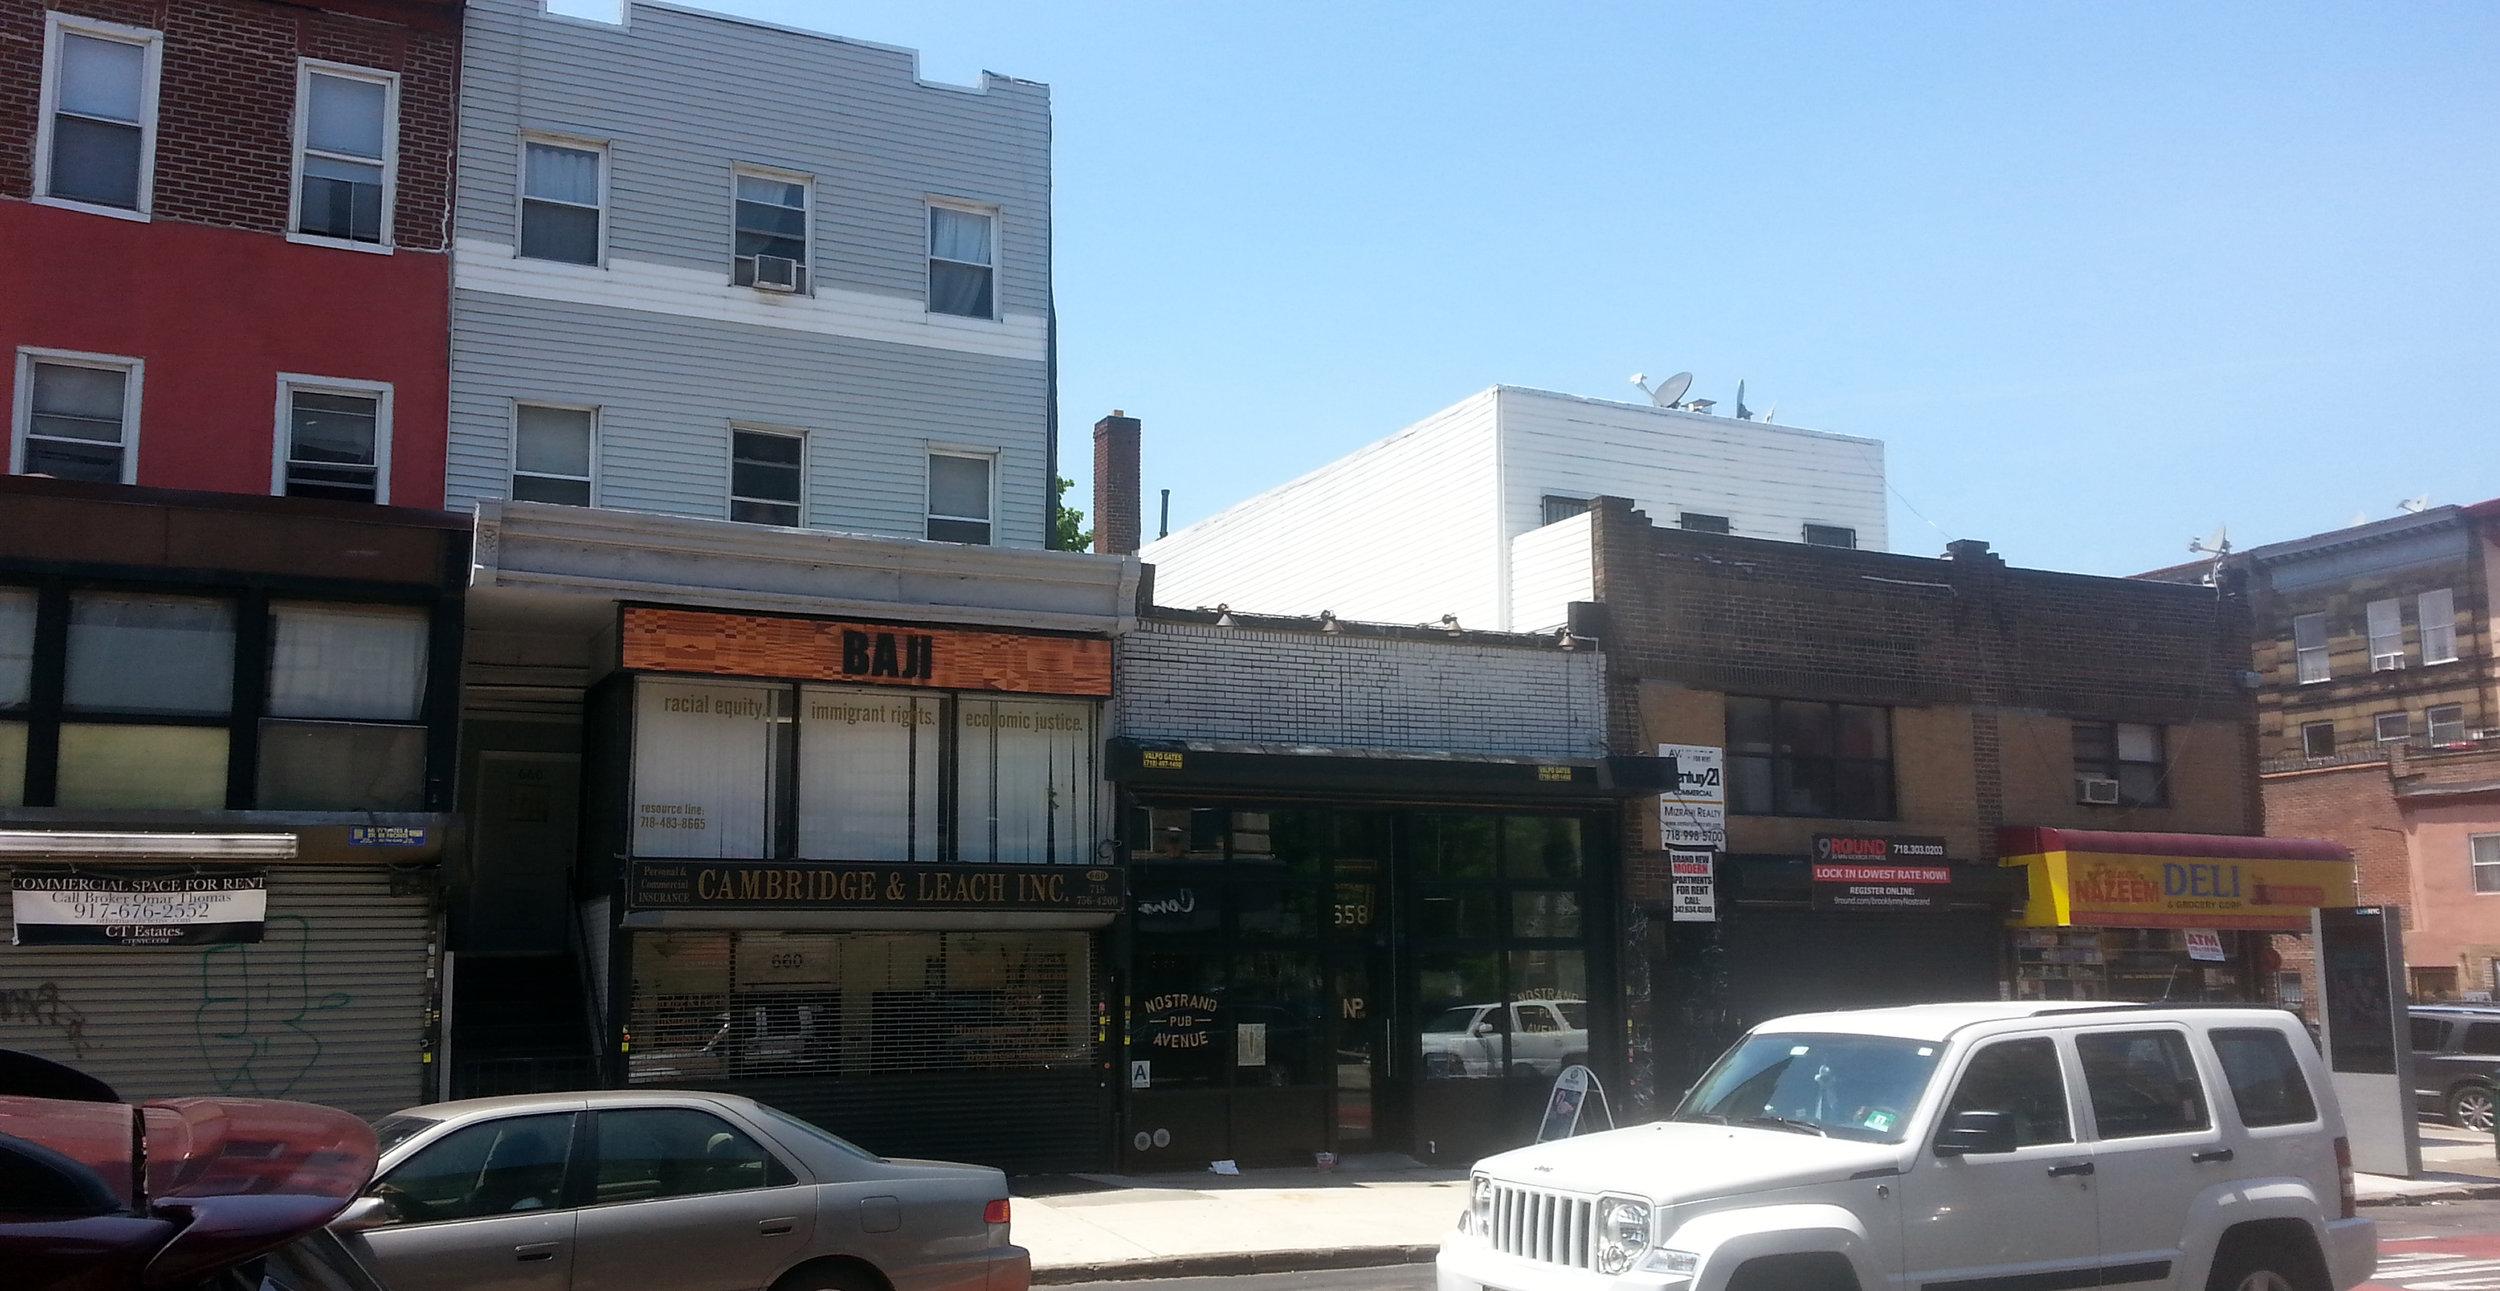 658 Nostrand Ave., Brooklyn, NY. Photo: Darryl Montgomery.